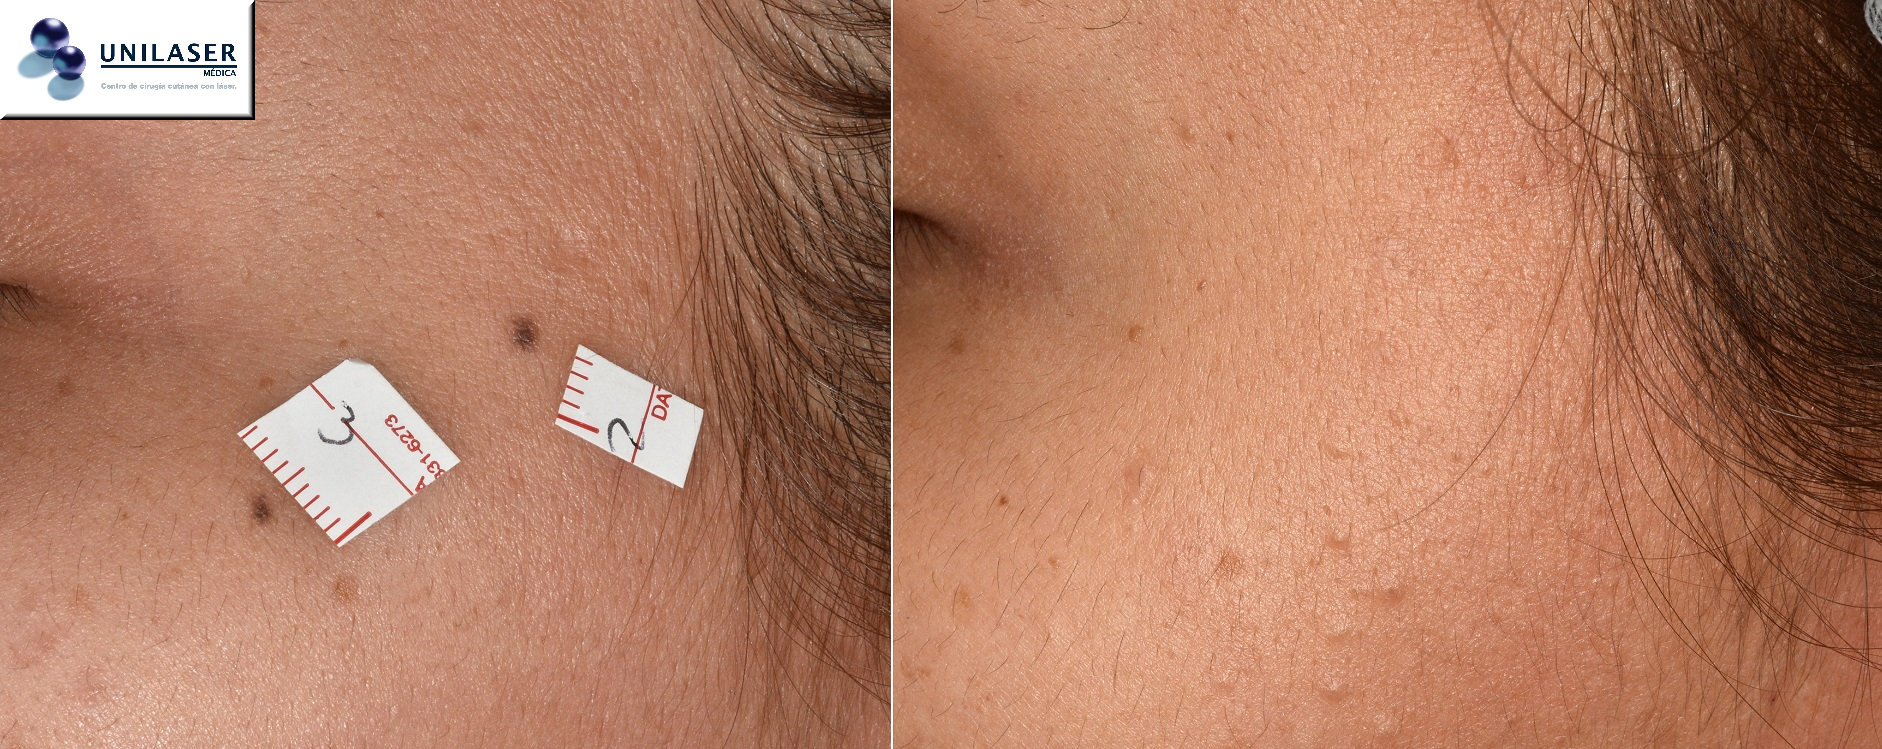 Remoción de lunares de la cara con láser, técnica quirúrgica